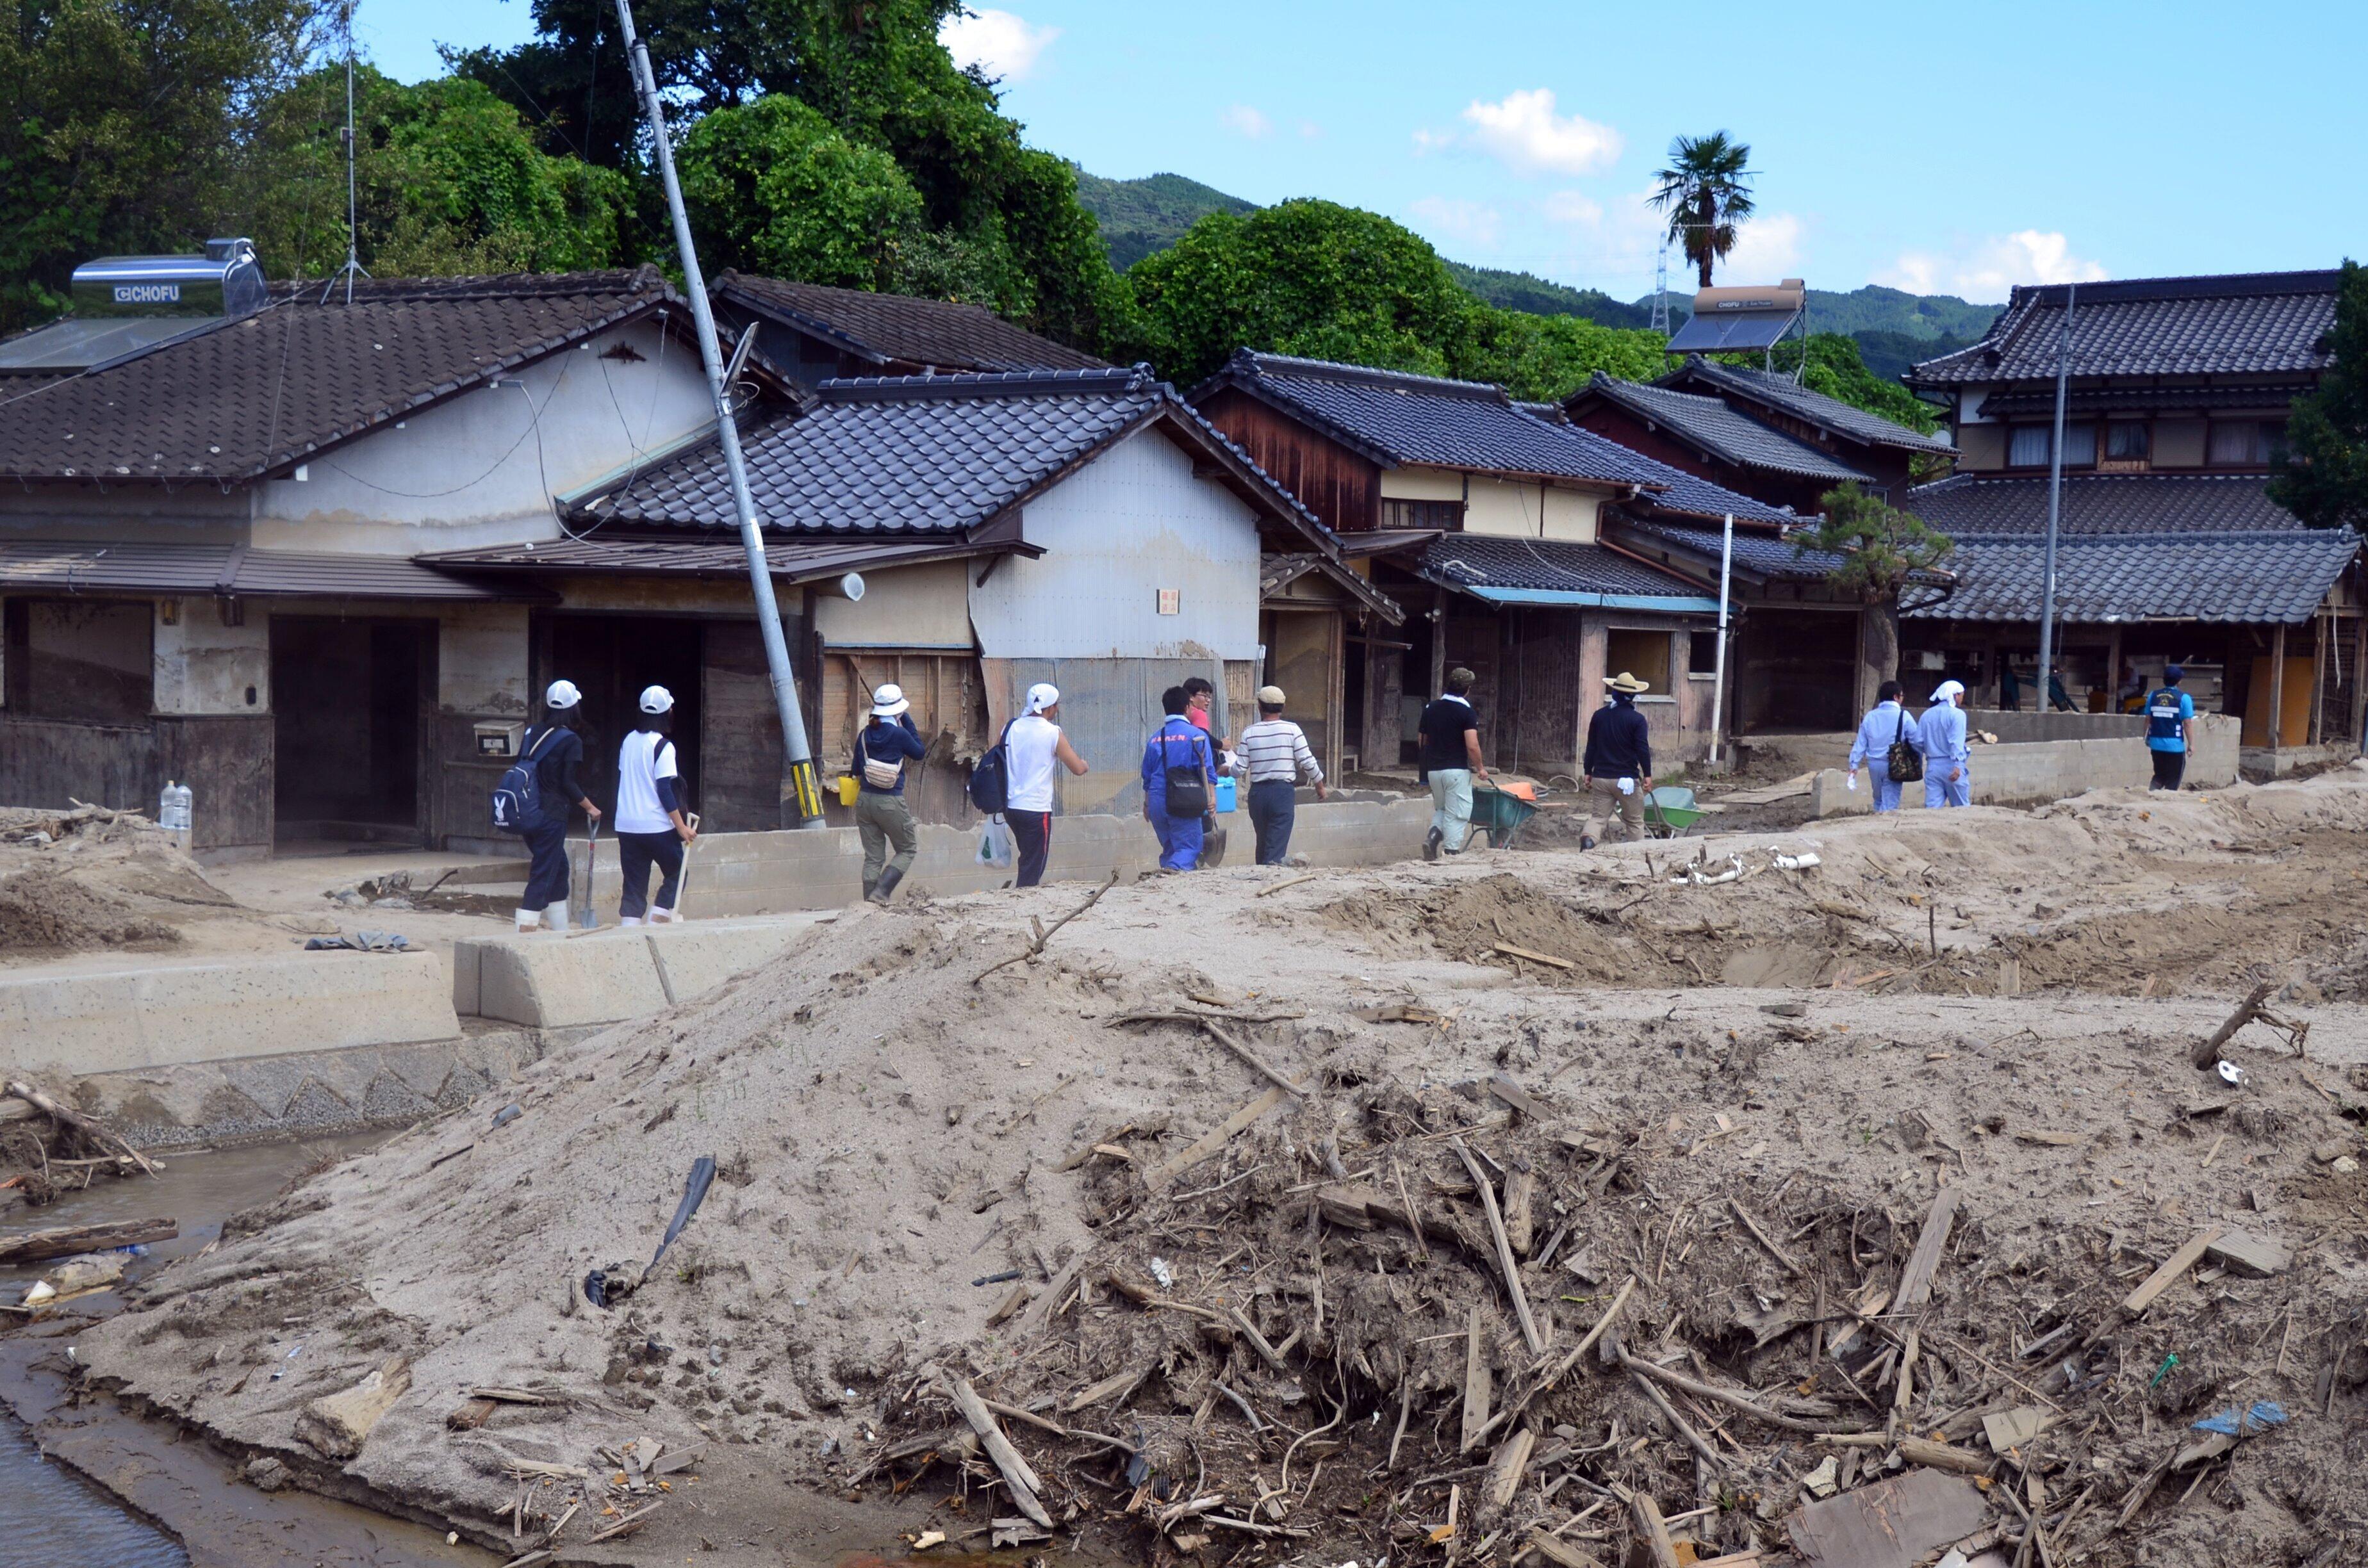 豪雨や台風で自宅が浸水、トイレが使えない あなたはどうしますか【前編】